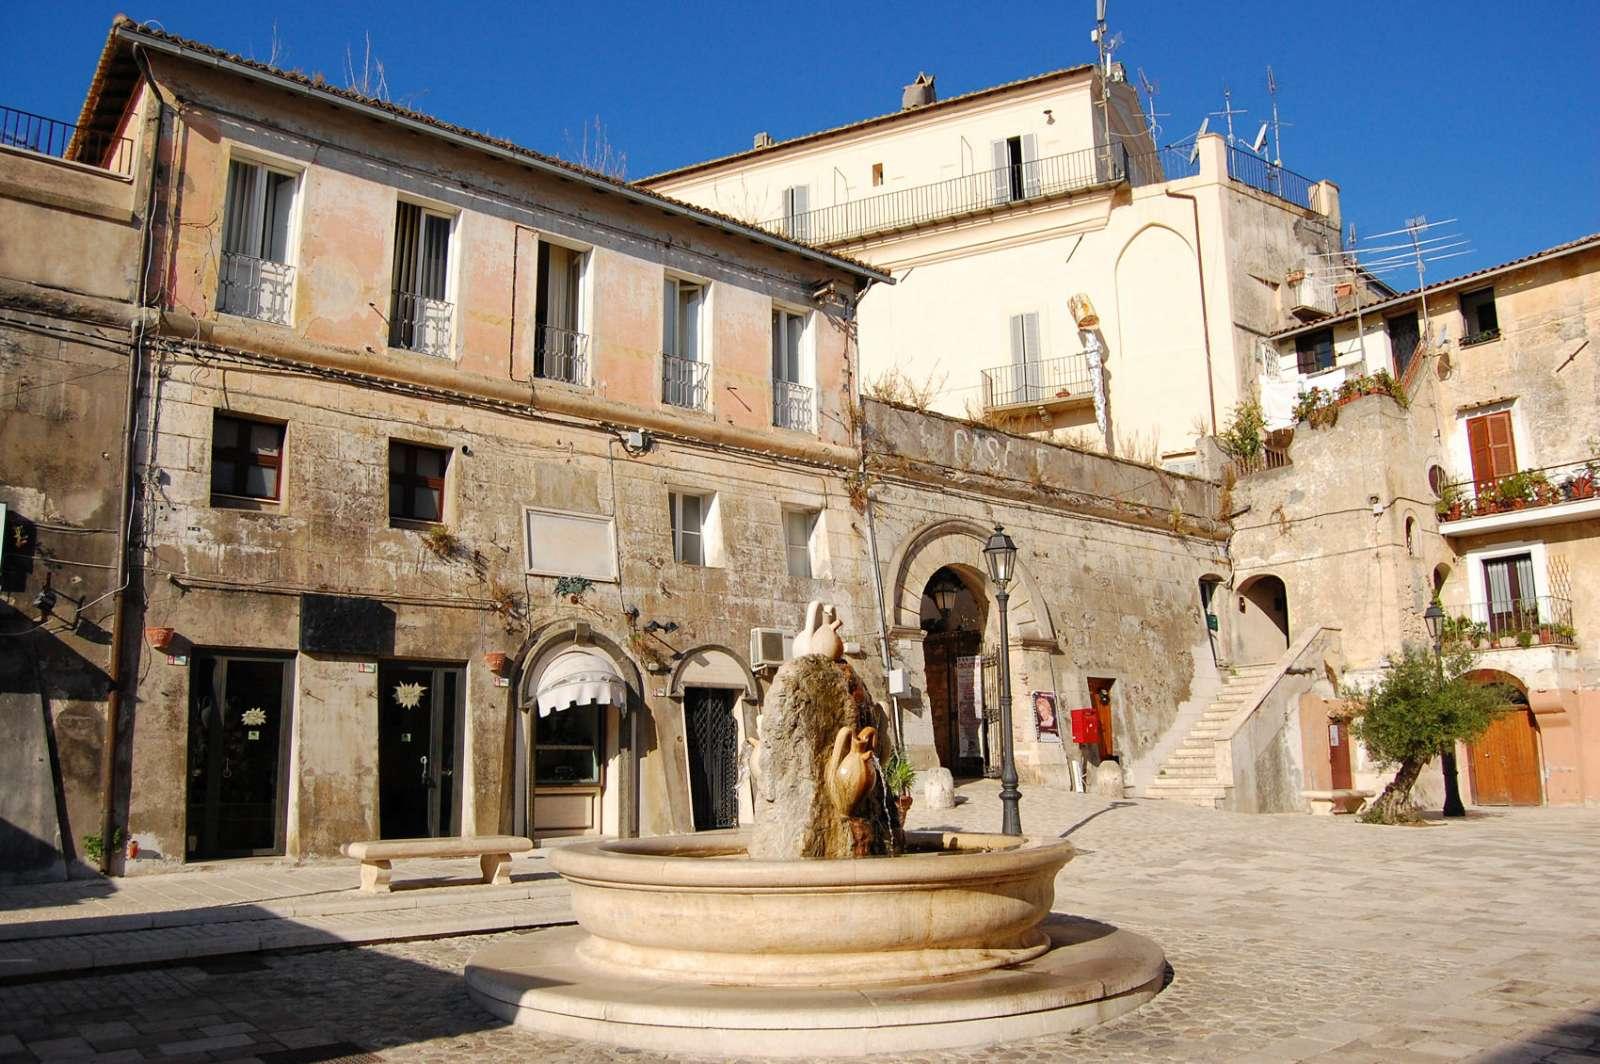 Også her i Lazio finder du gamle historiske byer med charmerende bymidter